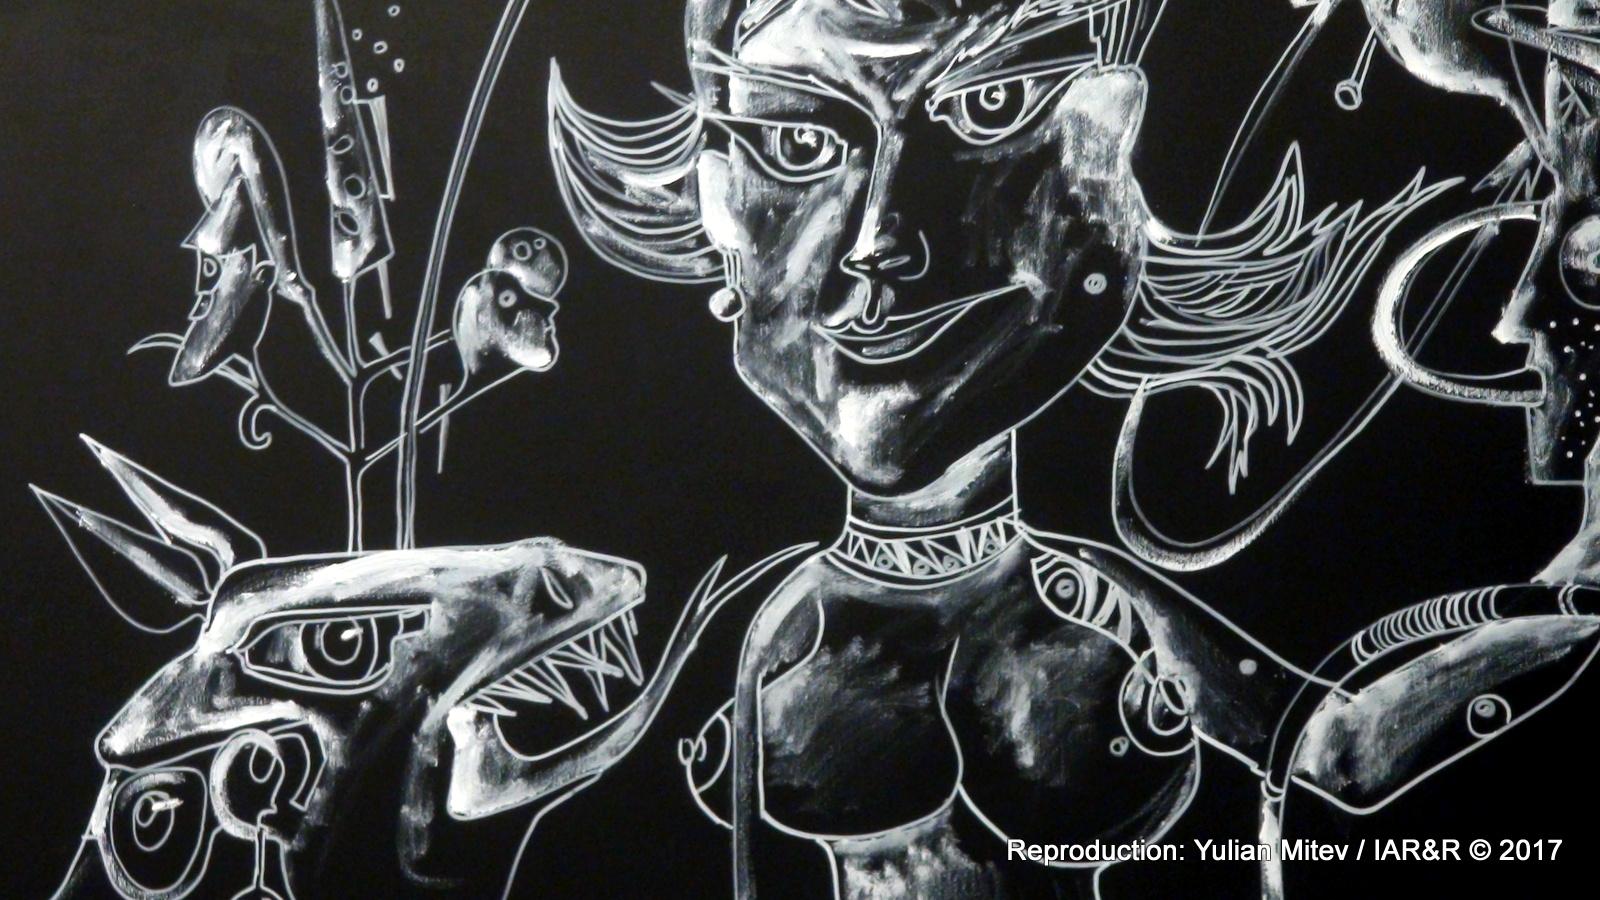 """НИКОЛАЙ ПАНАЙОТОВ, """"Парижки улични разпятия ІІ"""" (фрагмент), 2017, 195 х 300 см, провенанс – ателието на художника, естимейт: 2100 €"""